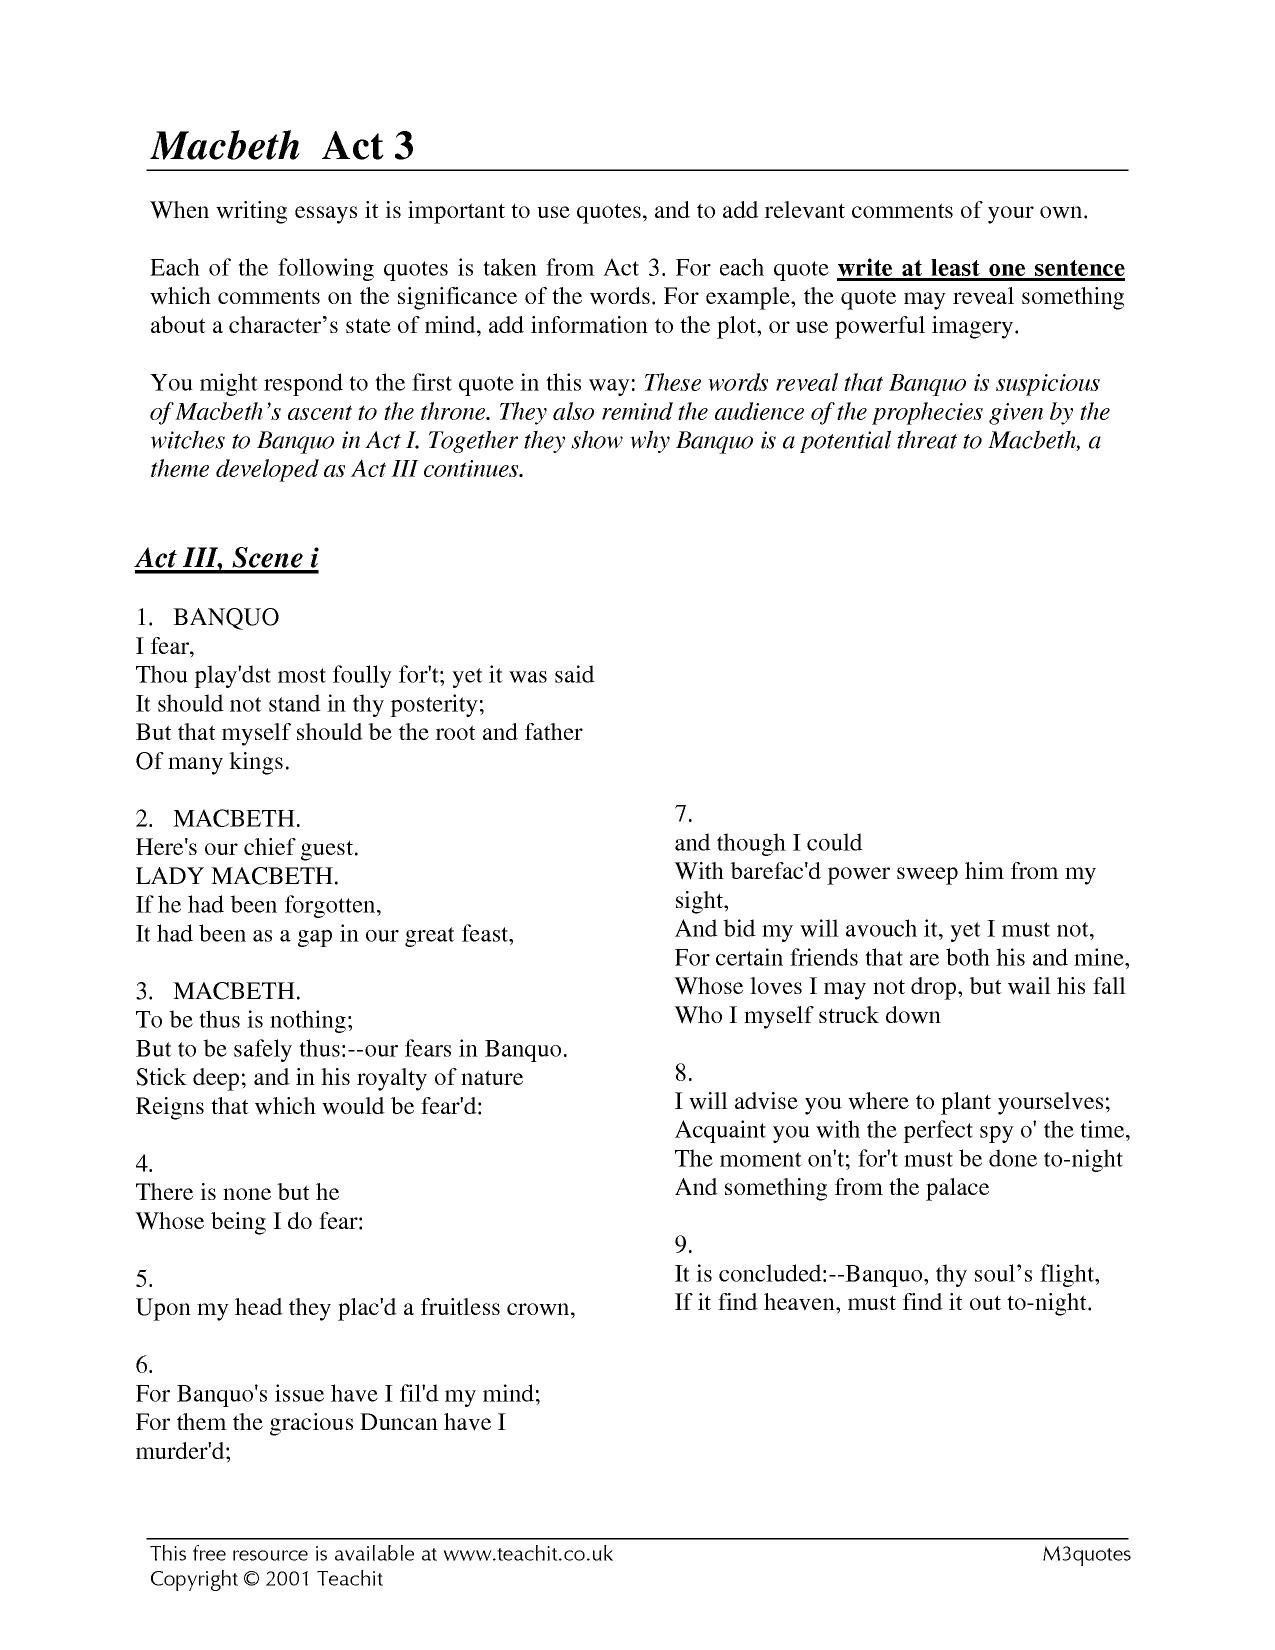 10 page essay on macbeth act 3 scenes 1 4